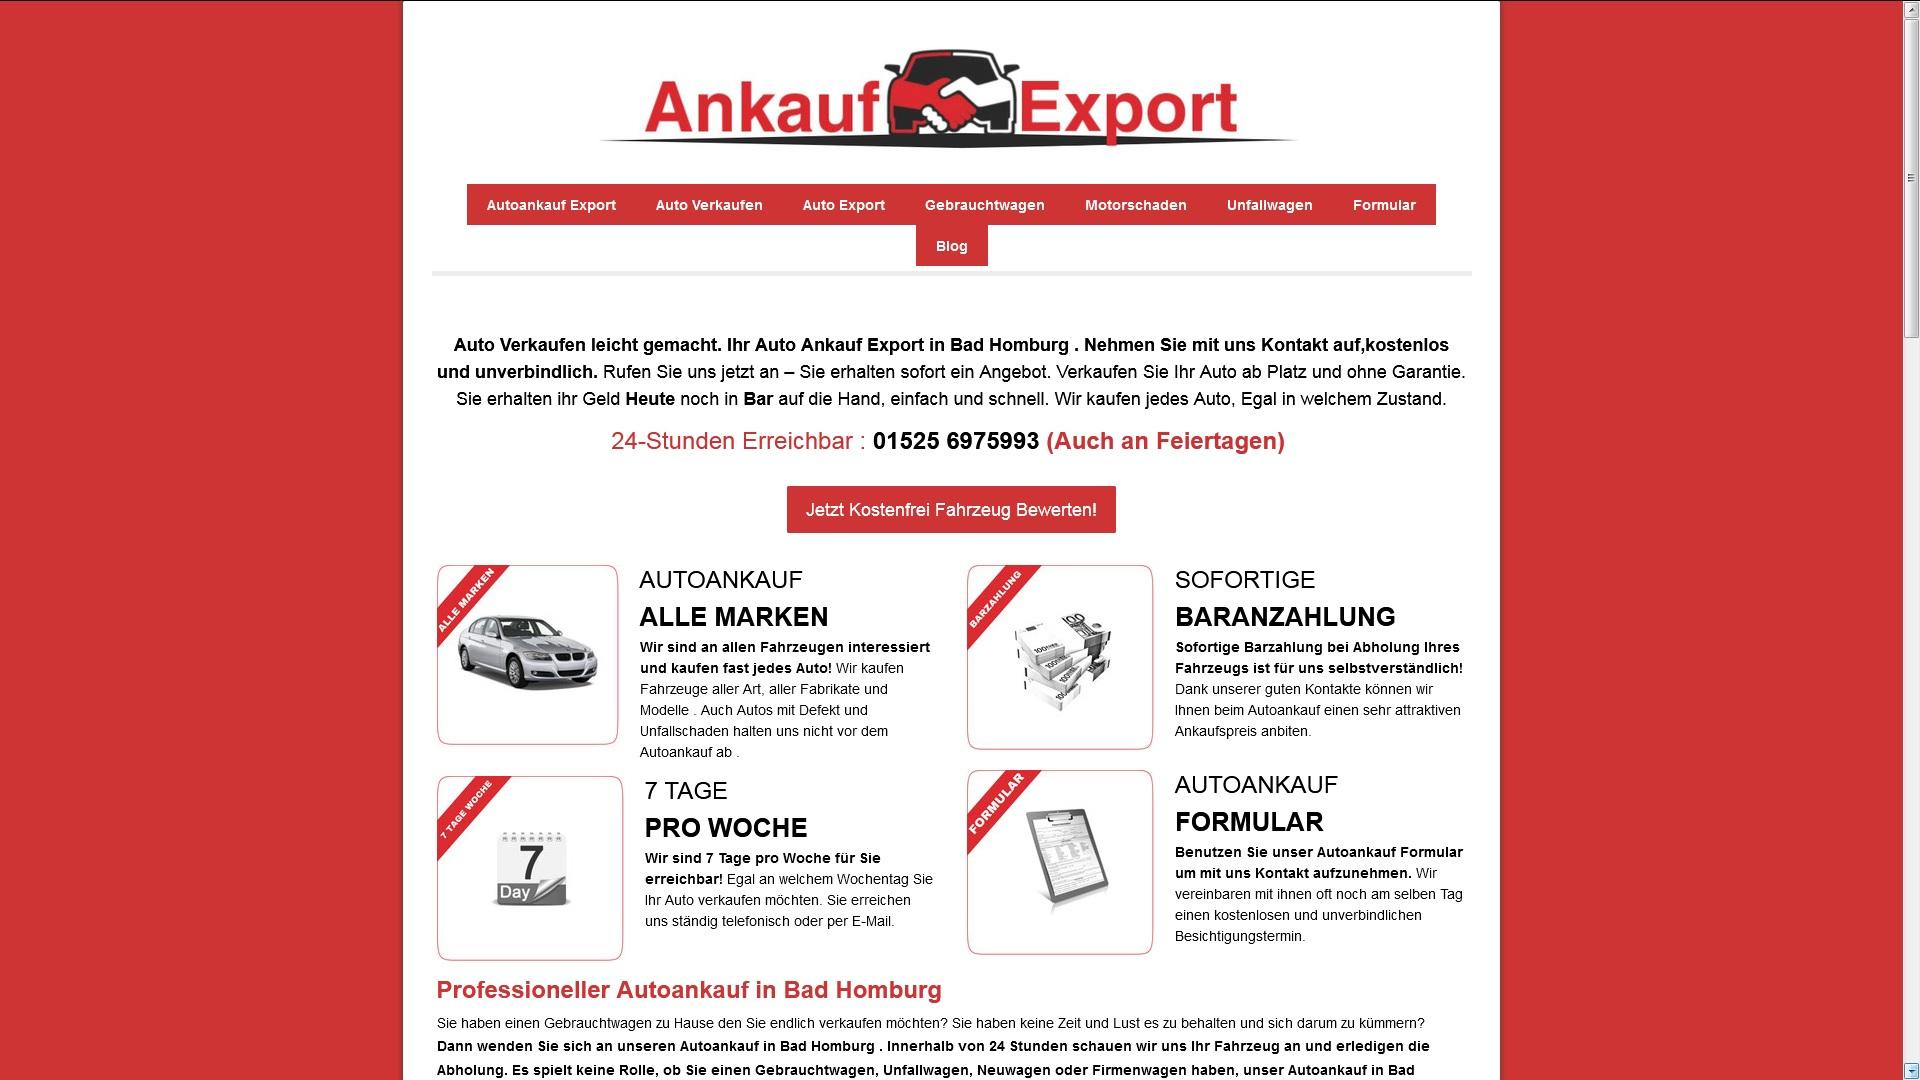 autoankauf hamm kennt jeden gebrauchtwagen und seine typischen maengel - Autoankauf Hamm kennt jeden Gebrauchtwagen und seine typischen Mängel